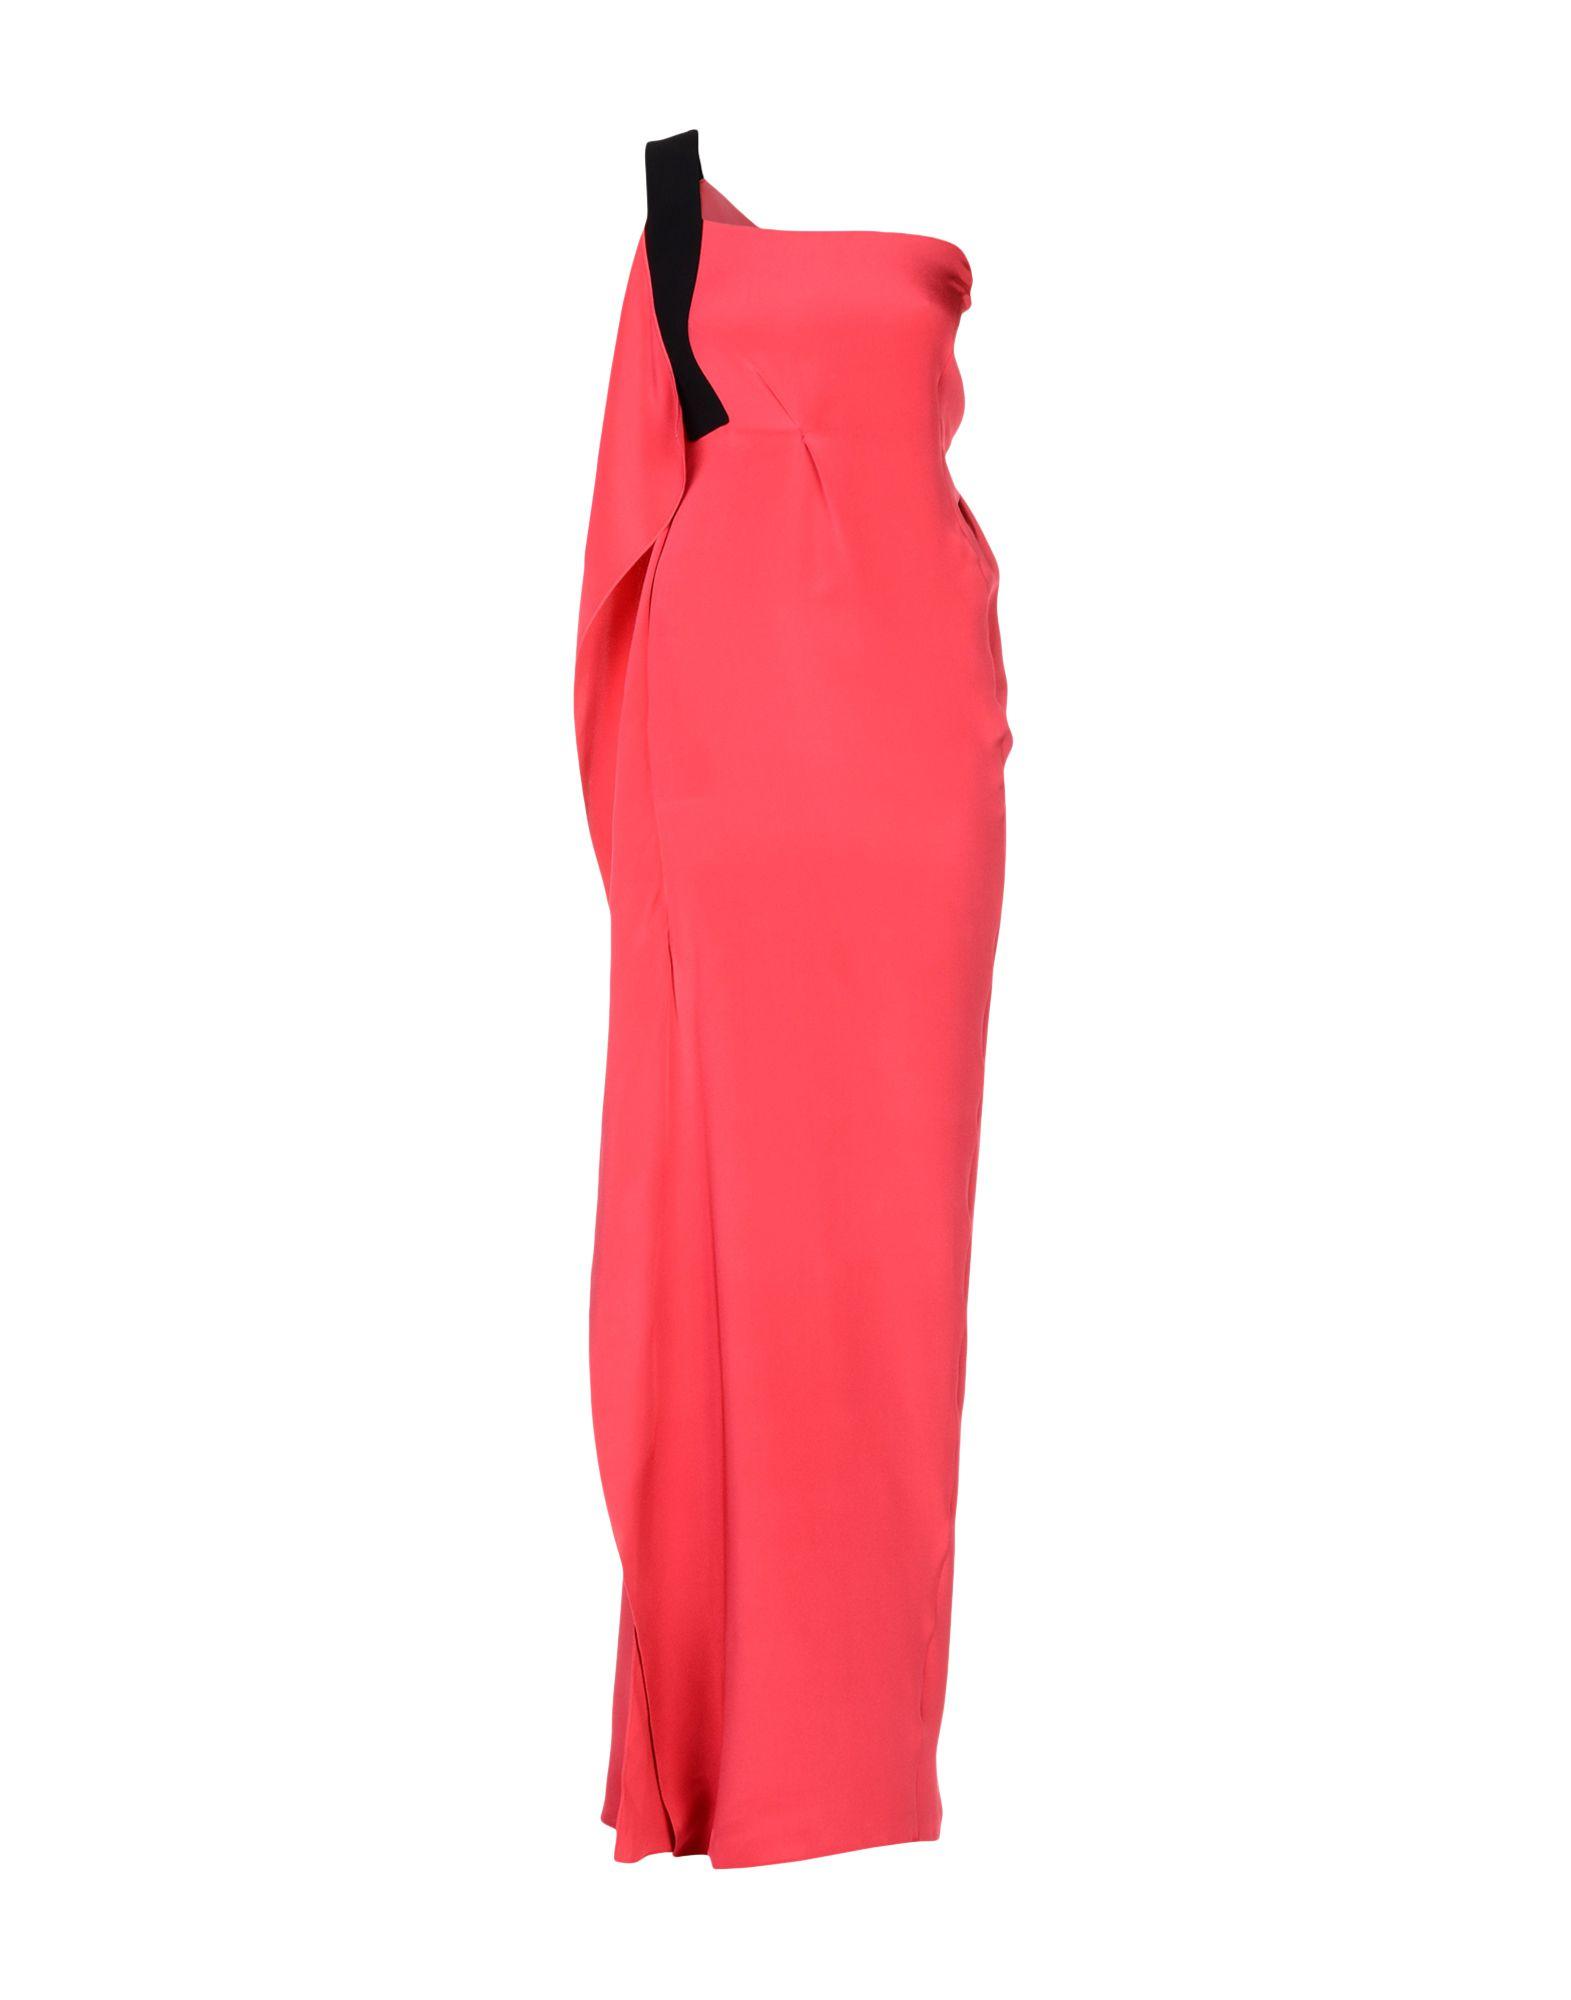 ROLAND MOURET Длинное платье 923 зима полный дрель бархат вечернее платье длинное плечо банкет тост одежды тонкий тонкий хост